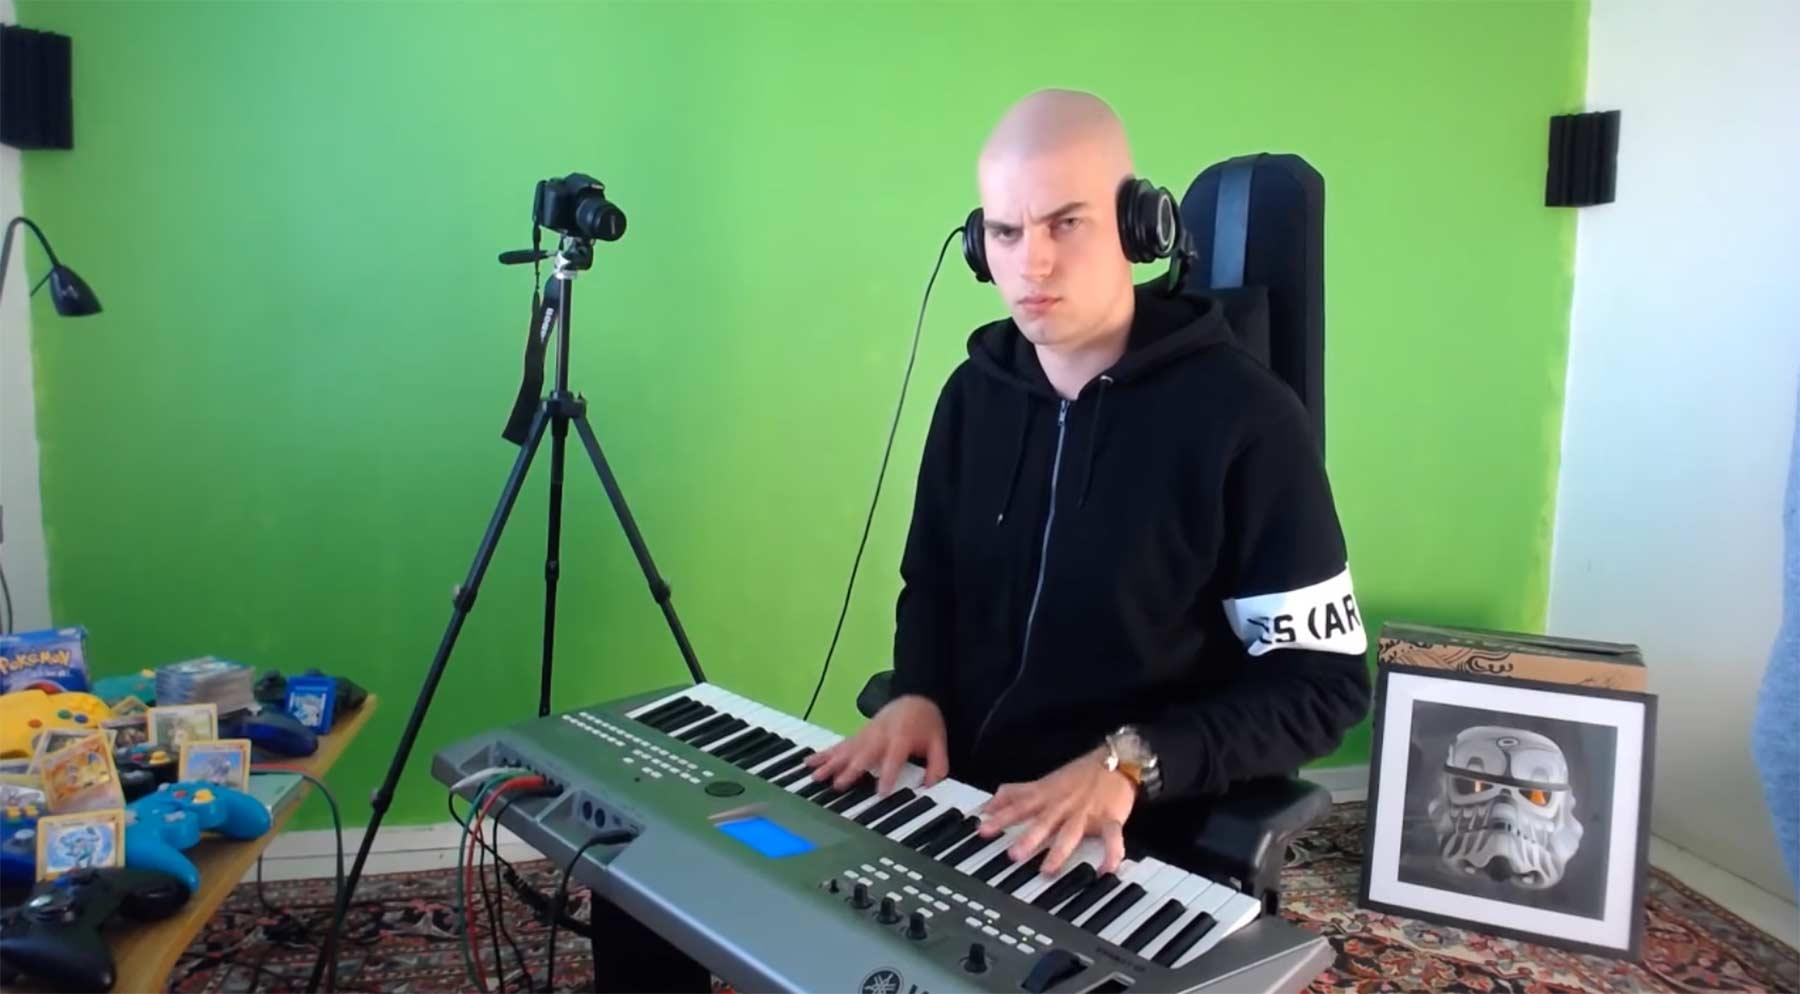 """Totos """"Africa"""" in 12 Varianten auf dem Keyboard gespielt"""